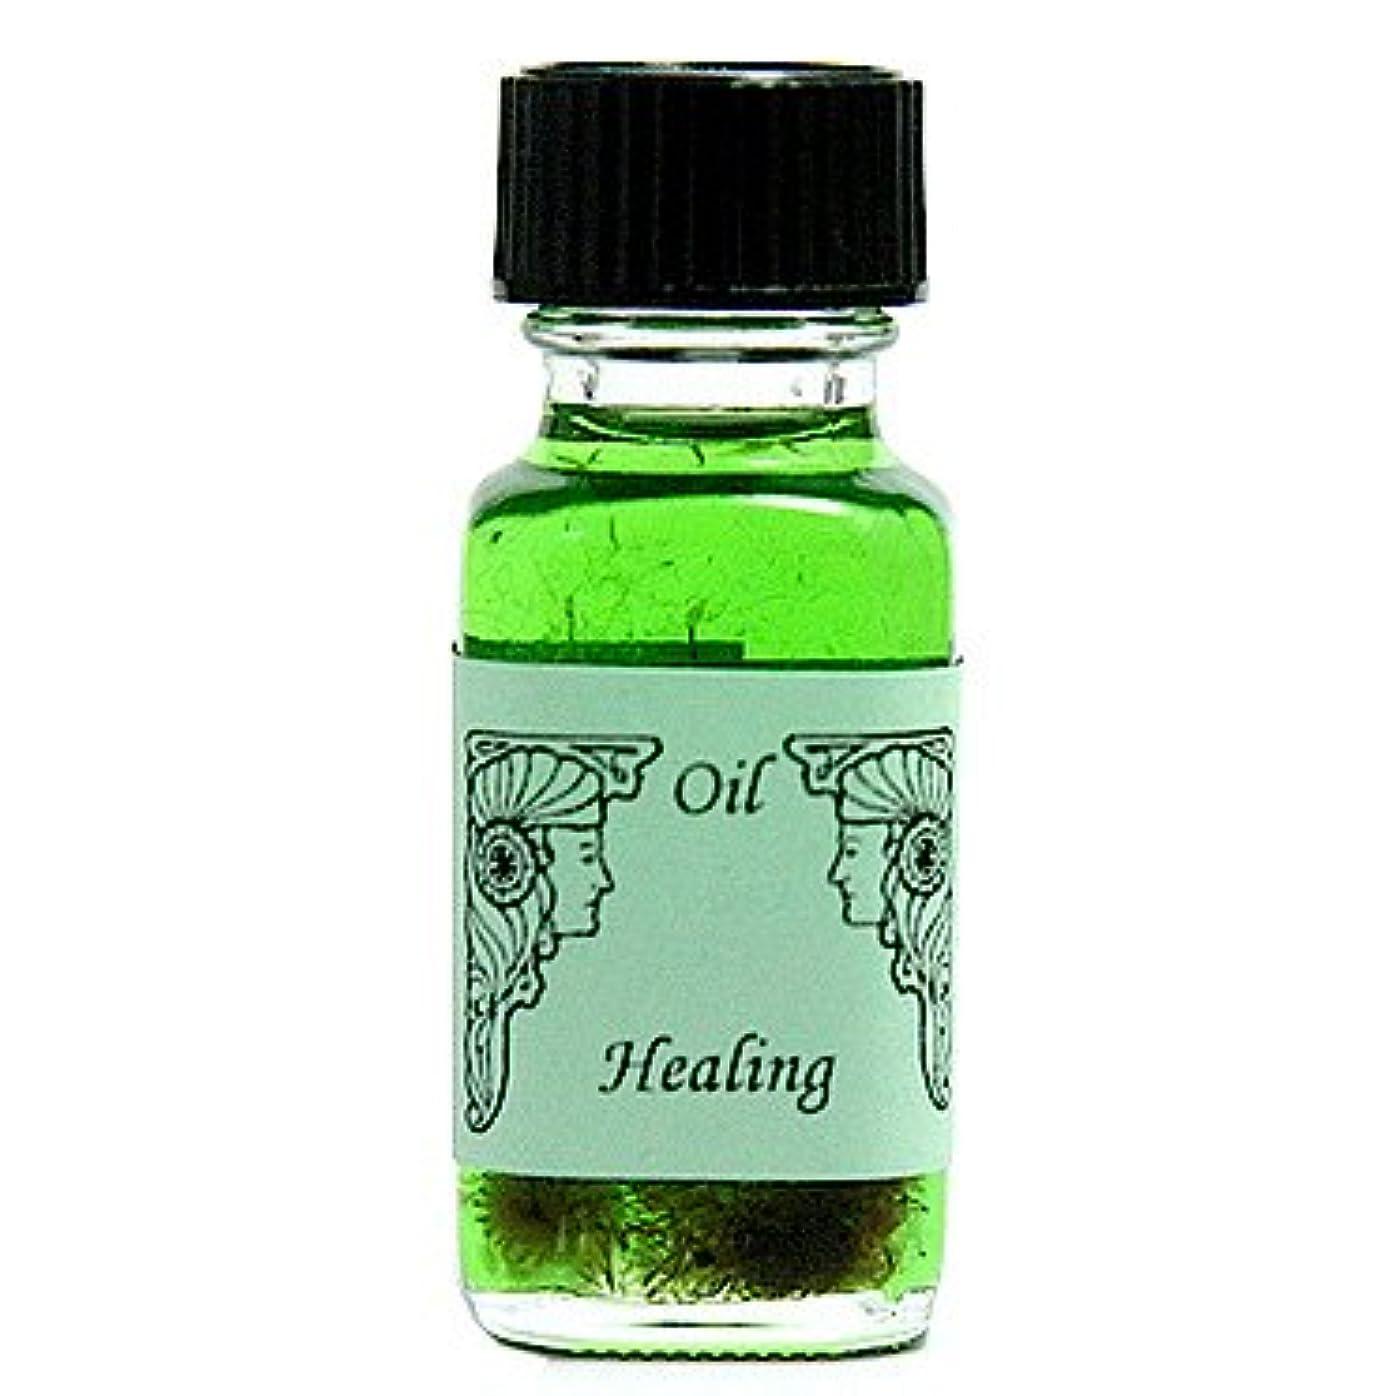 アンシェントメモリーオイル ヒーリング (癒し) 15ml (Ancient Memory Oils)